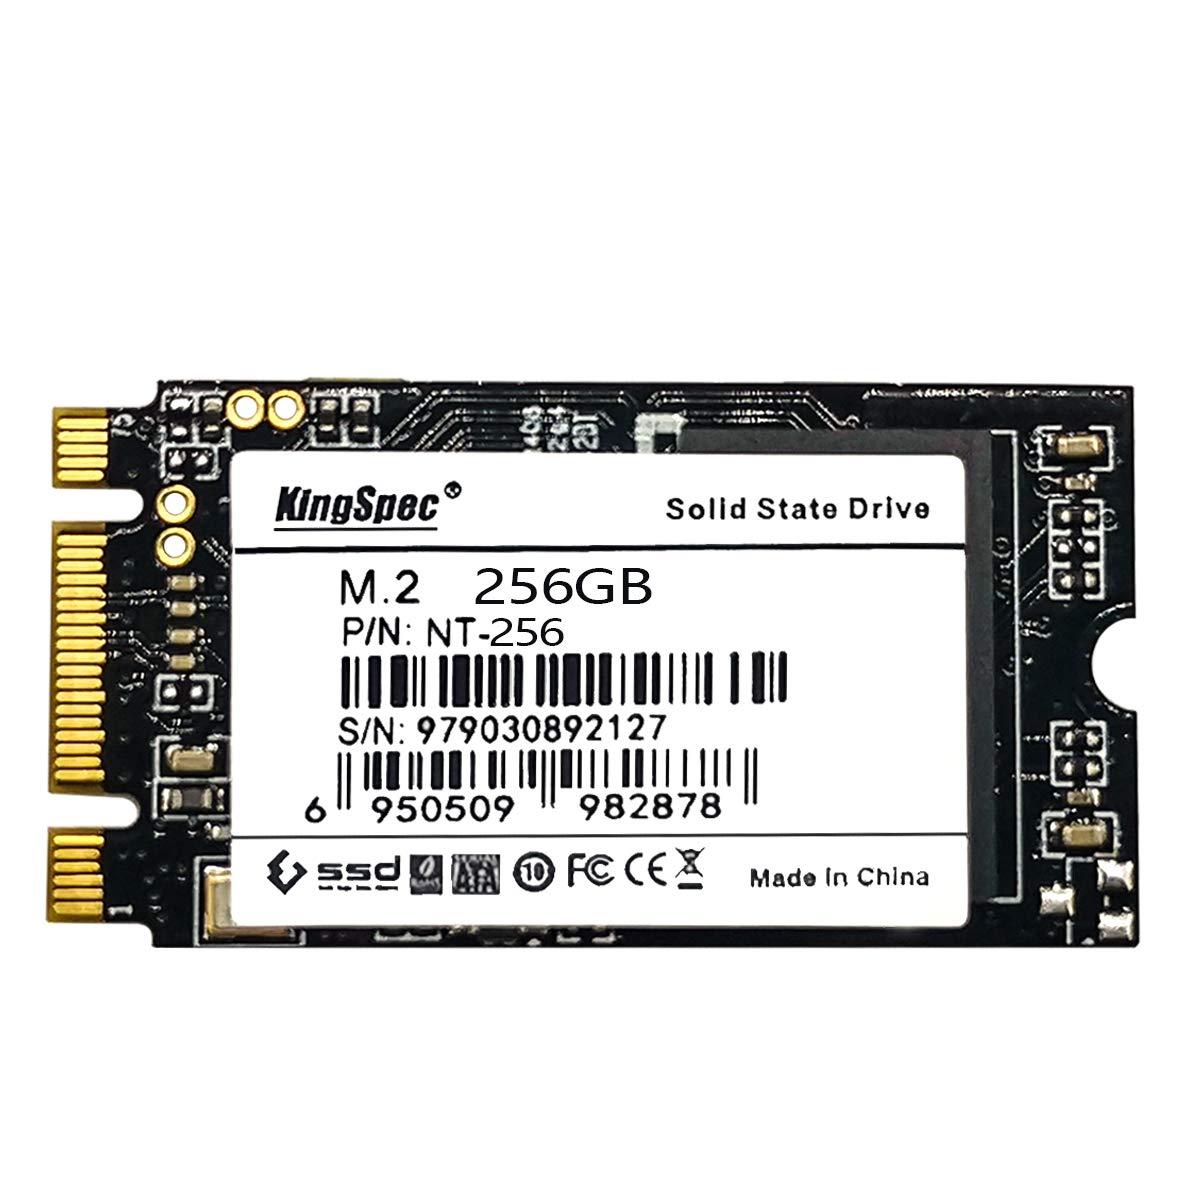 KingSpec 2242 NGFF 256GB M.2 SSD SATA III 6Gb/s Internal Solid State Drive for Ultrabook (256GB)... ...